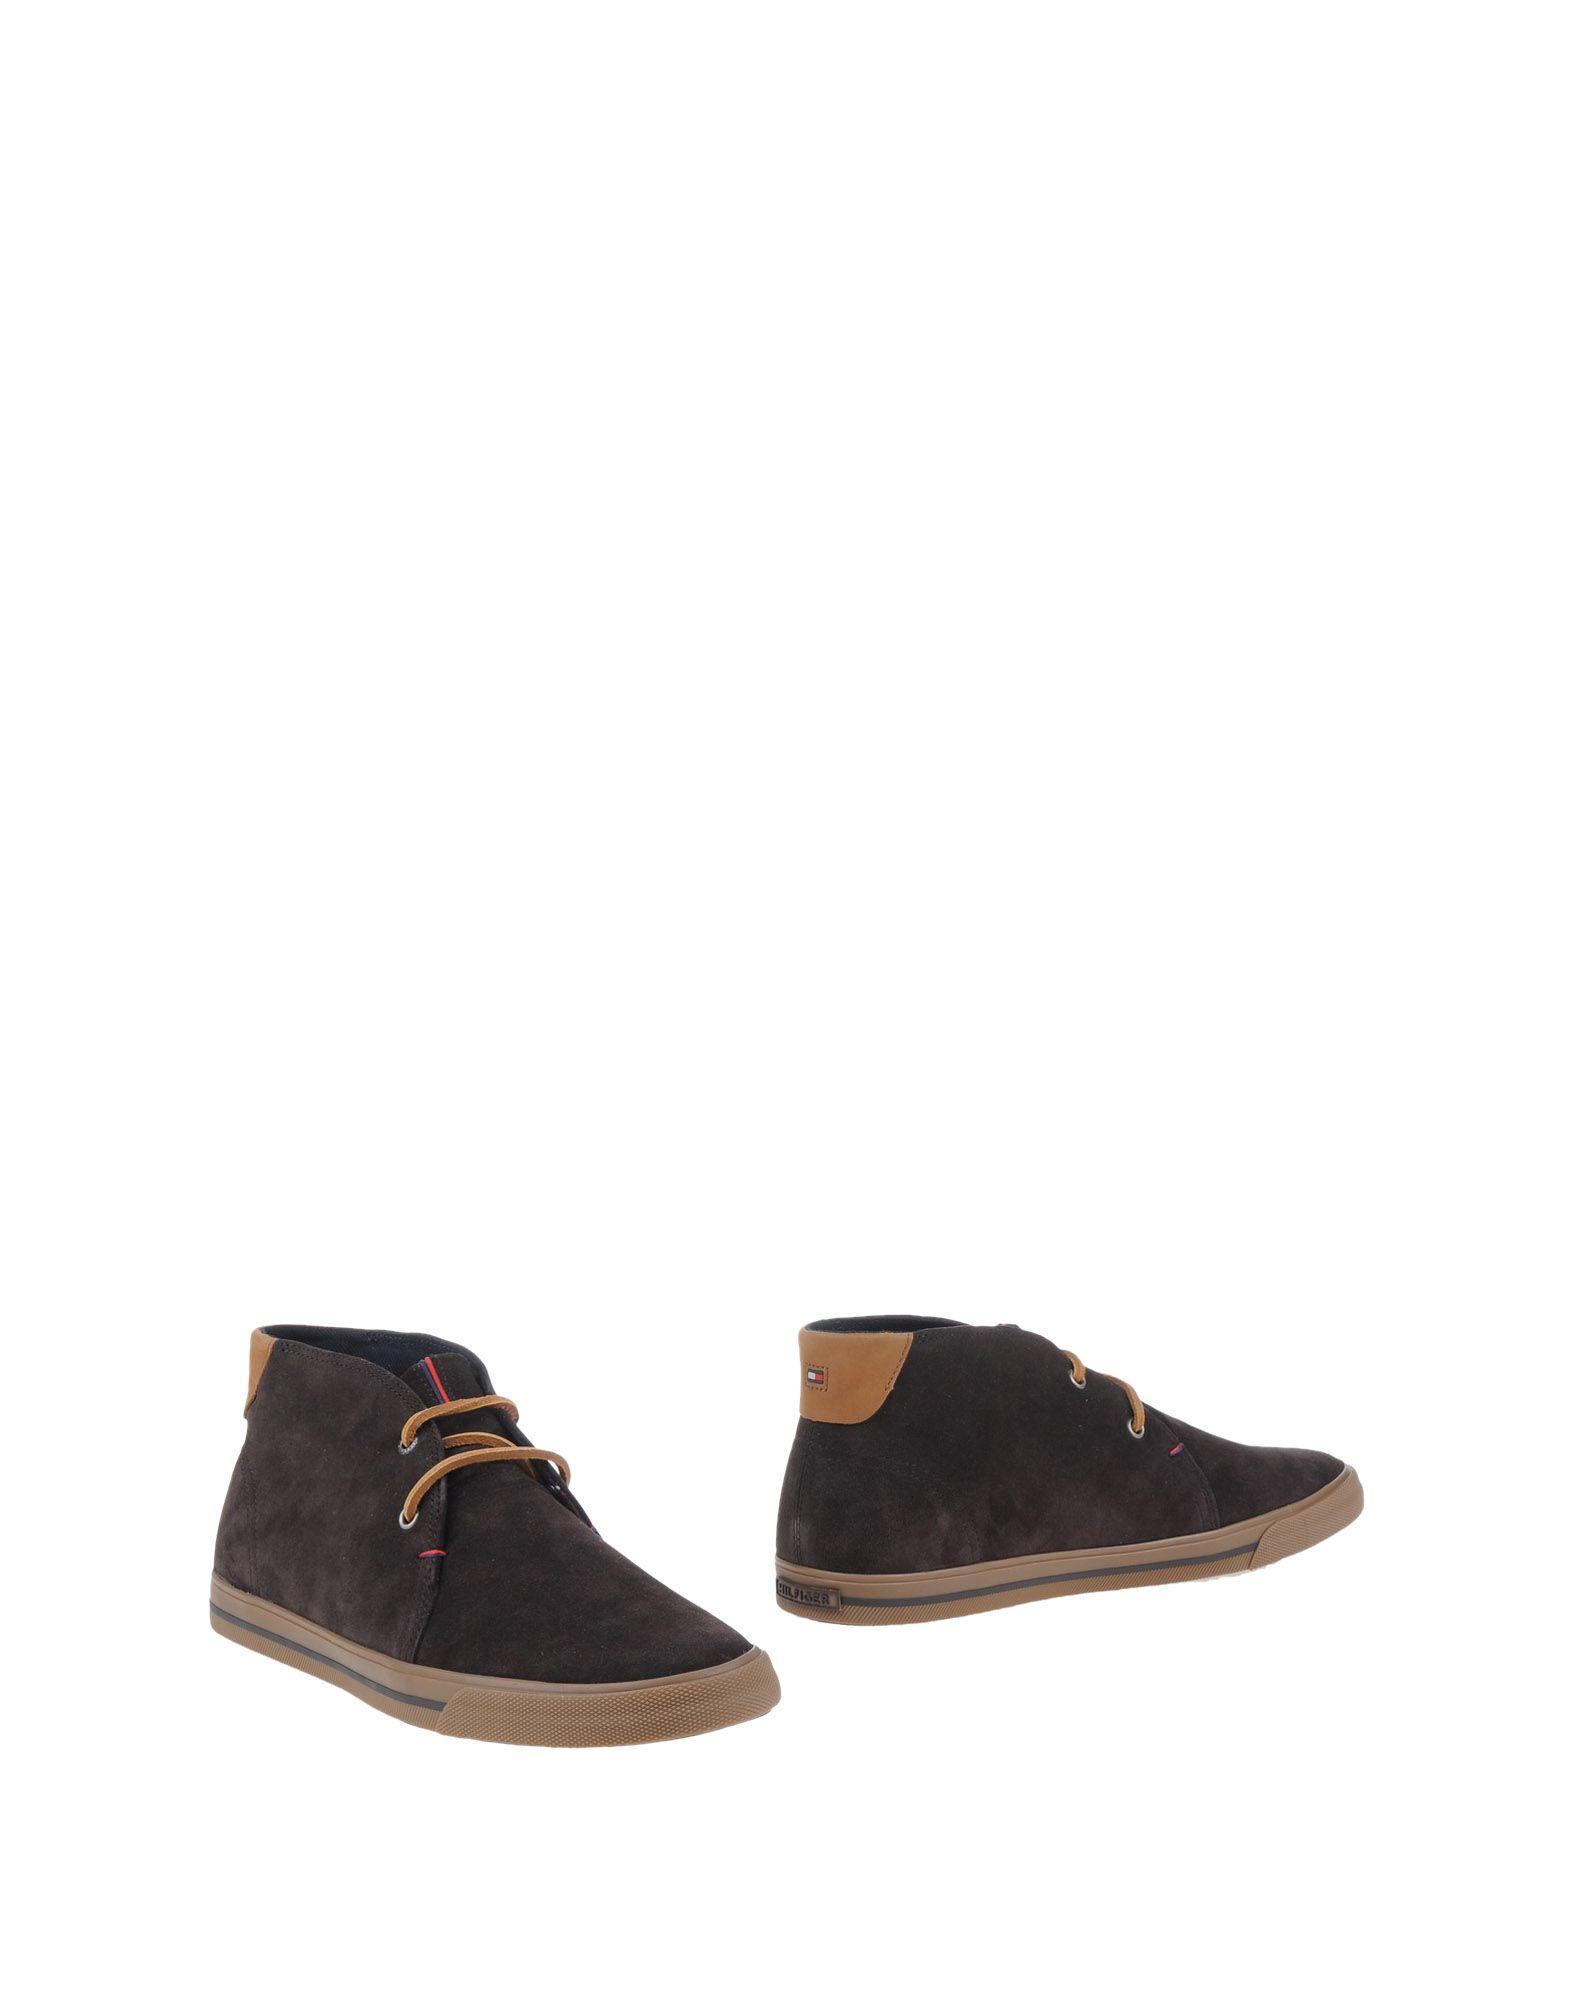 tommy hilfiger ankle boots in brown for men dark brown lyst. Black Bedroom Furniture Sets. Home Design Ideas